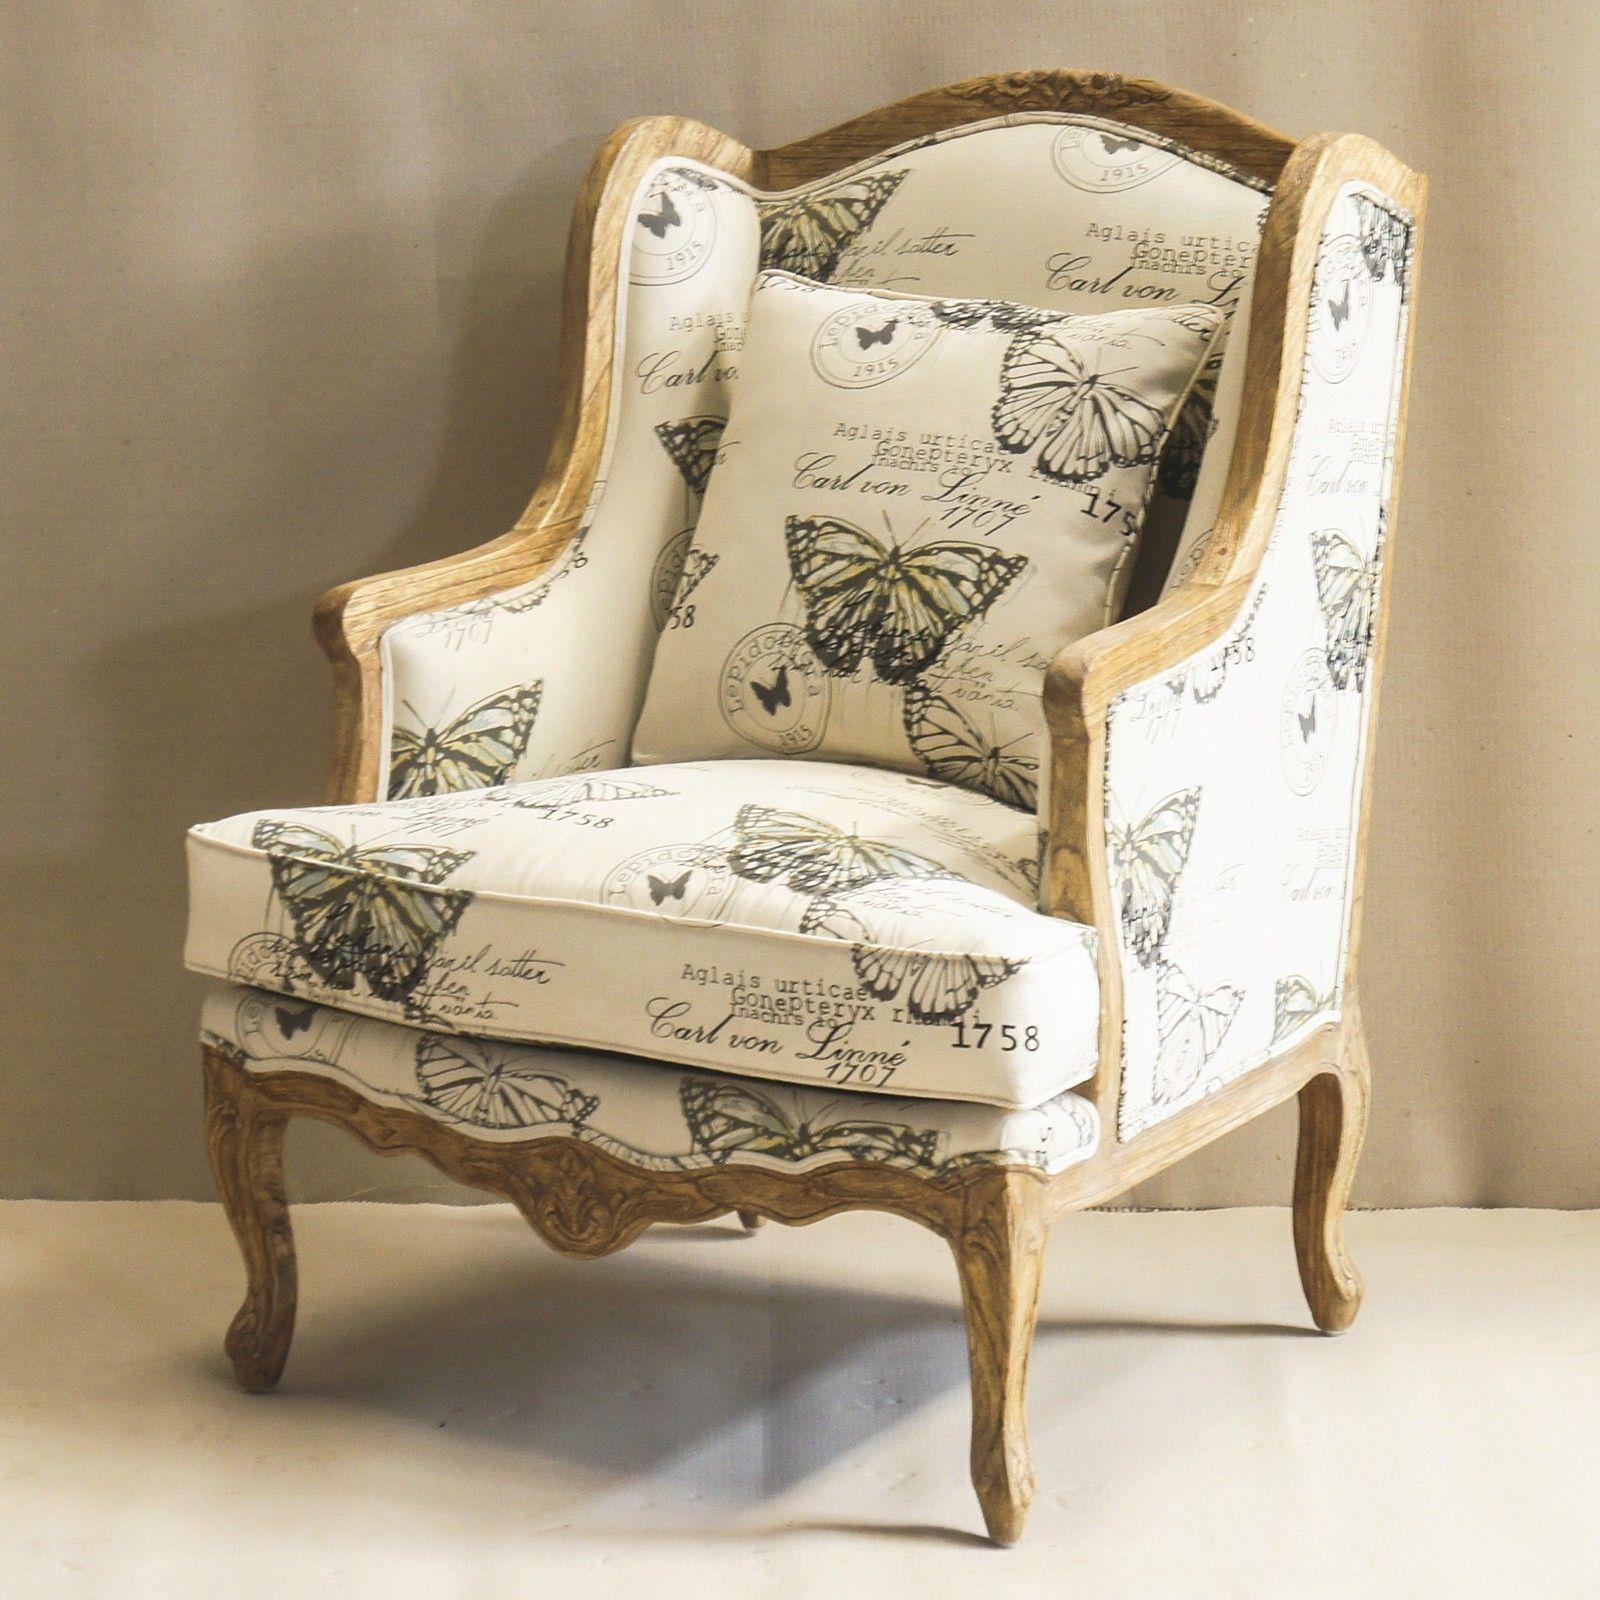 Fauteuil+de+salon+Louis+XV+de+style+gustavien. La+structure+est+en+ ...